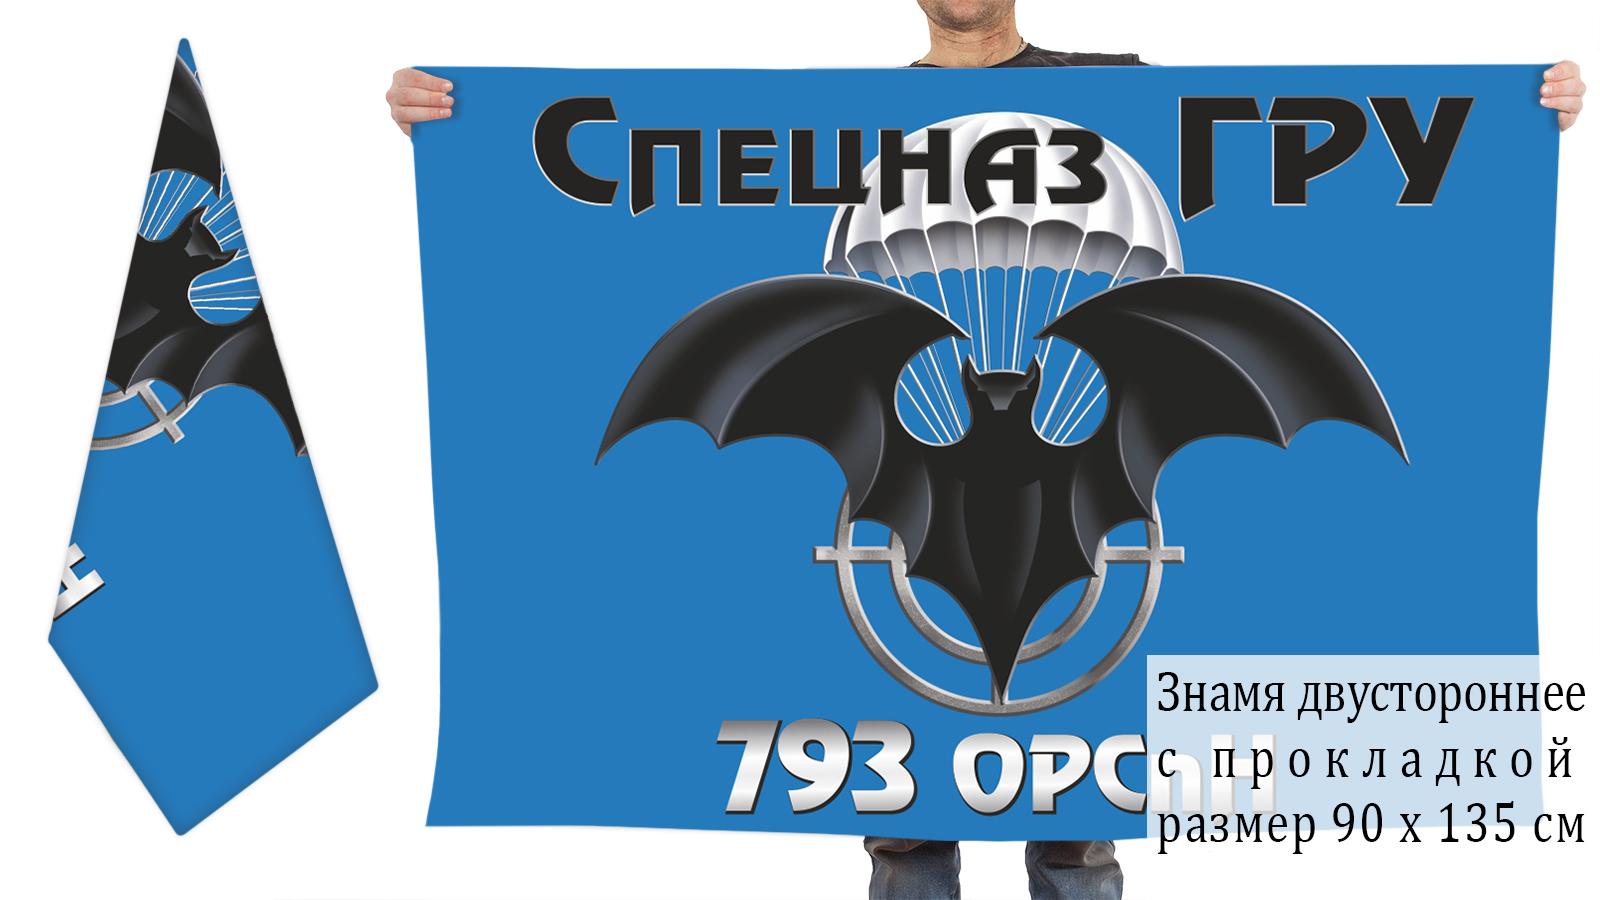 Двусторонний флаг 793 отдельной роты спецназа